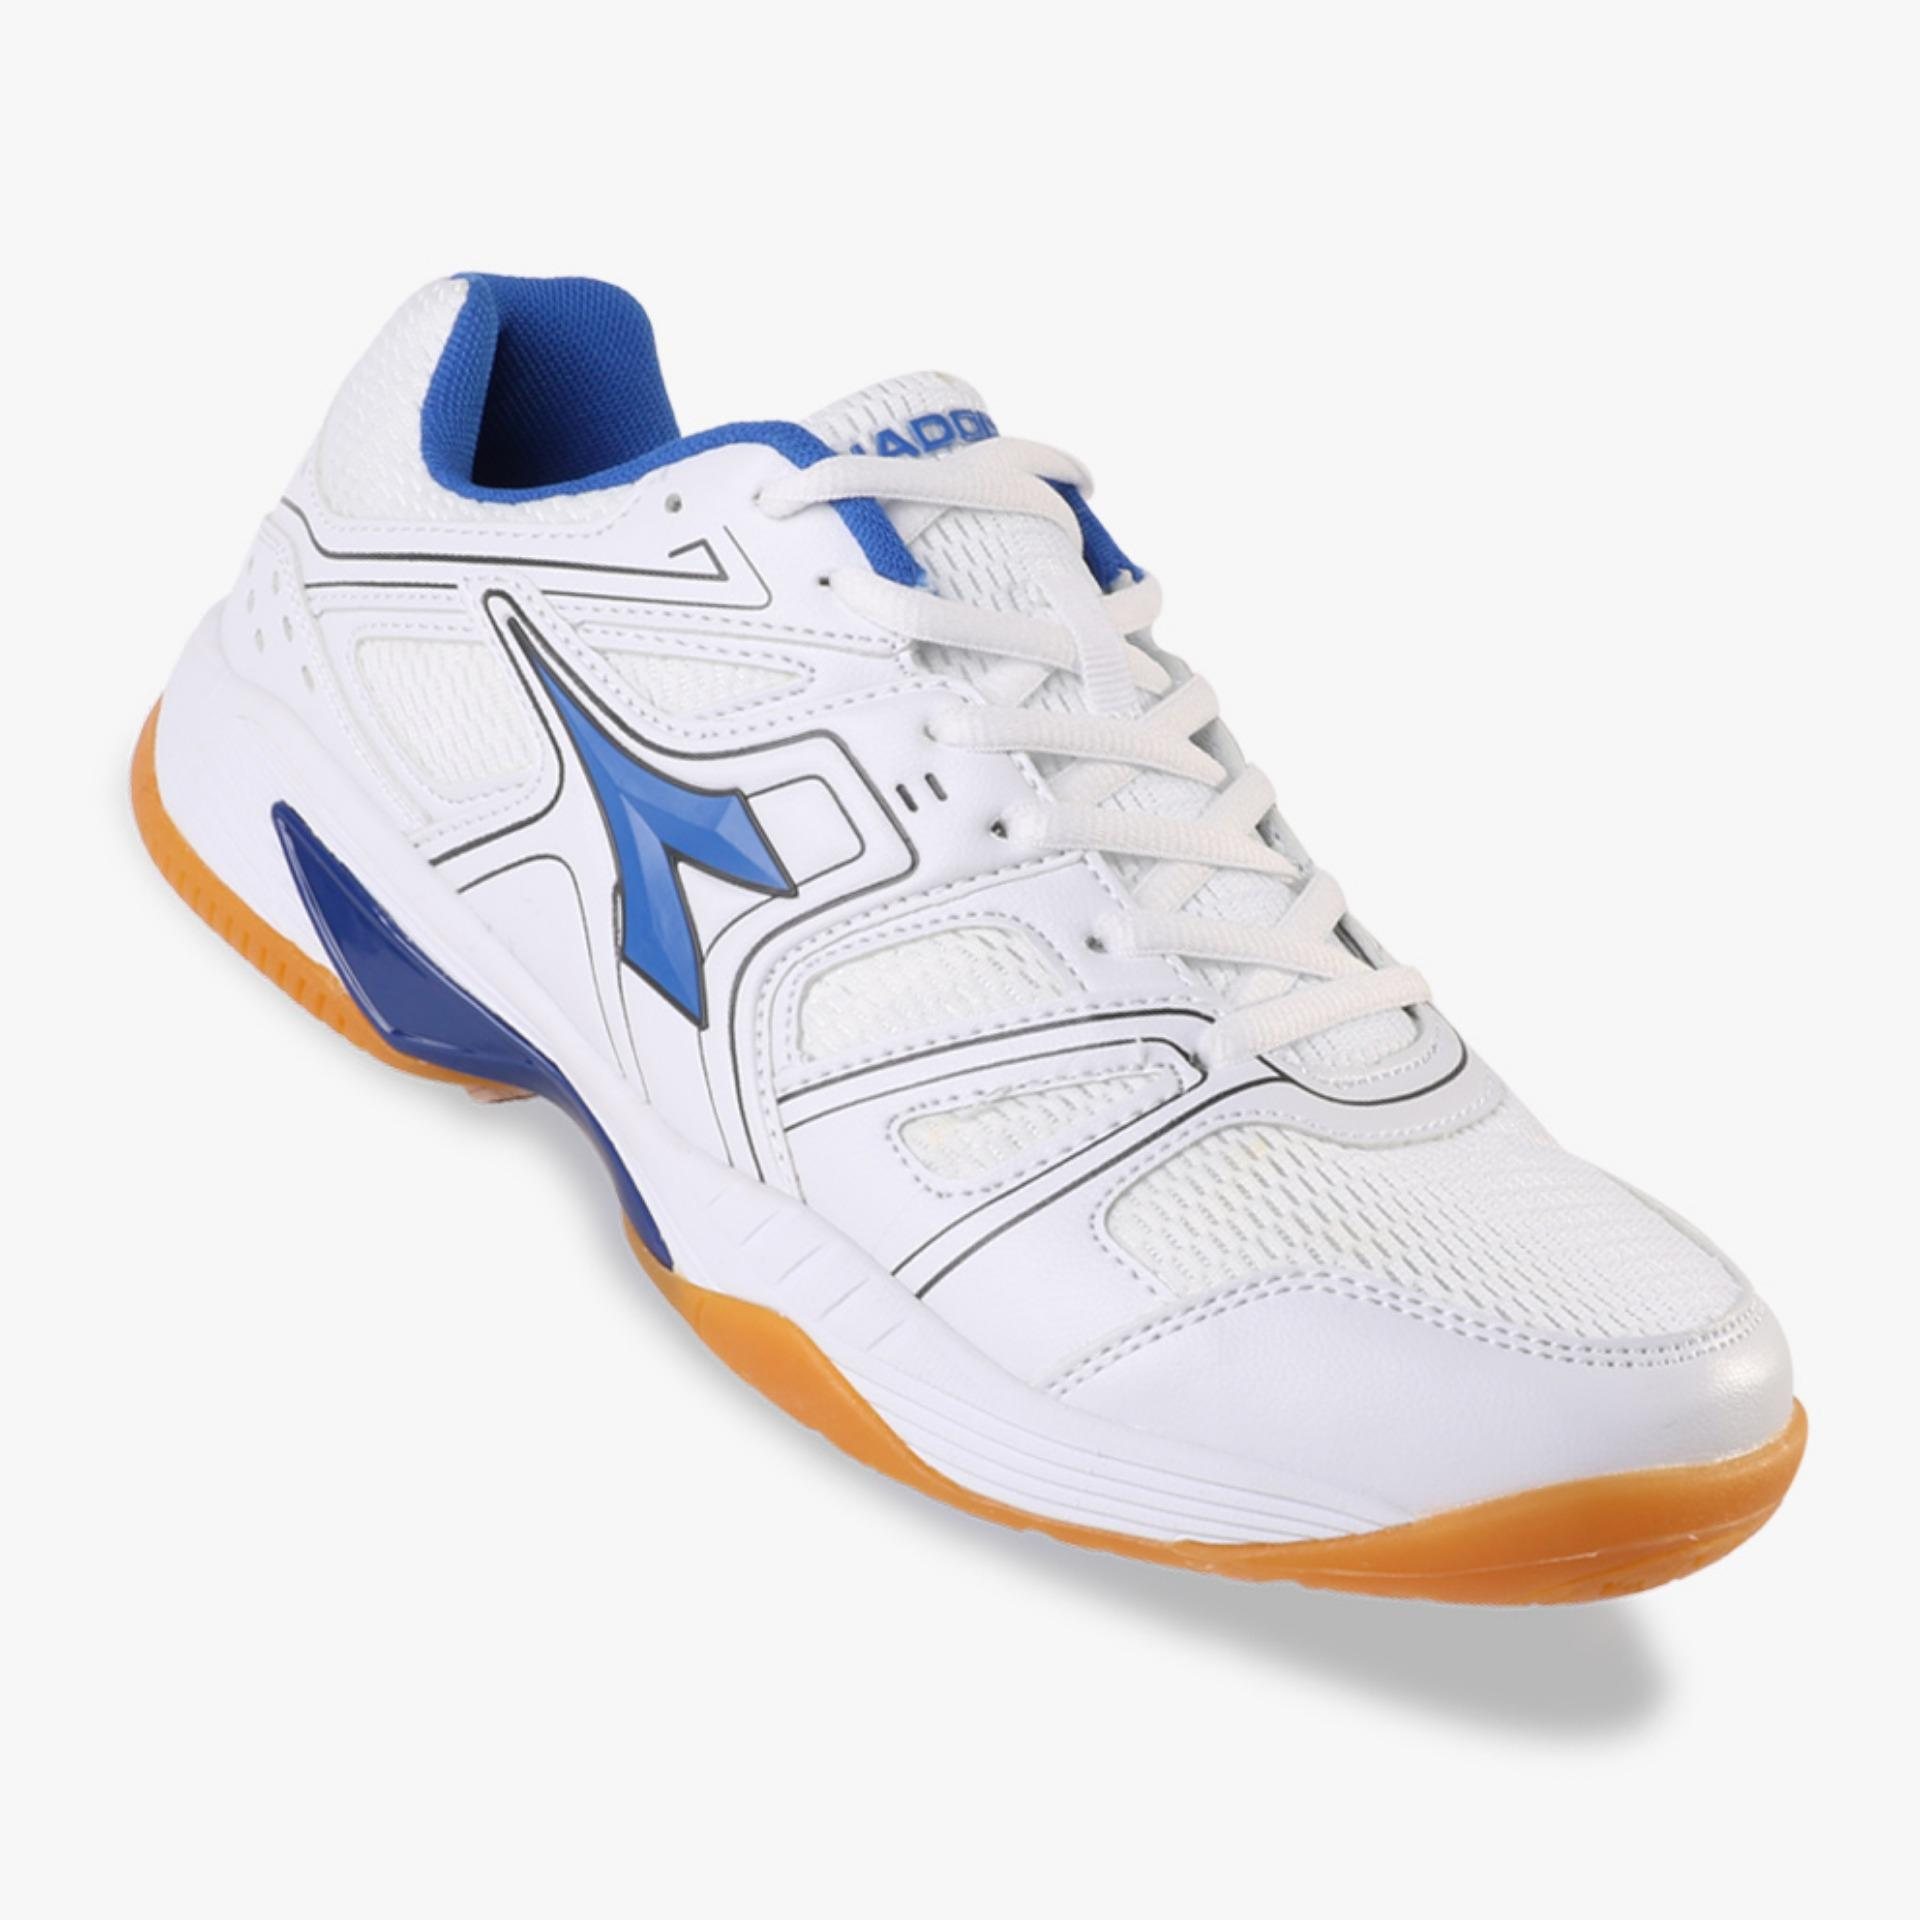 Jual Diadora Marin Men S Badminton Shoes Putih Diadora Grosir